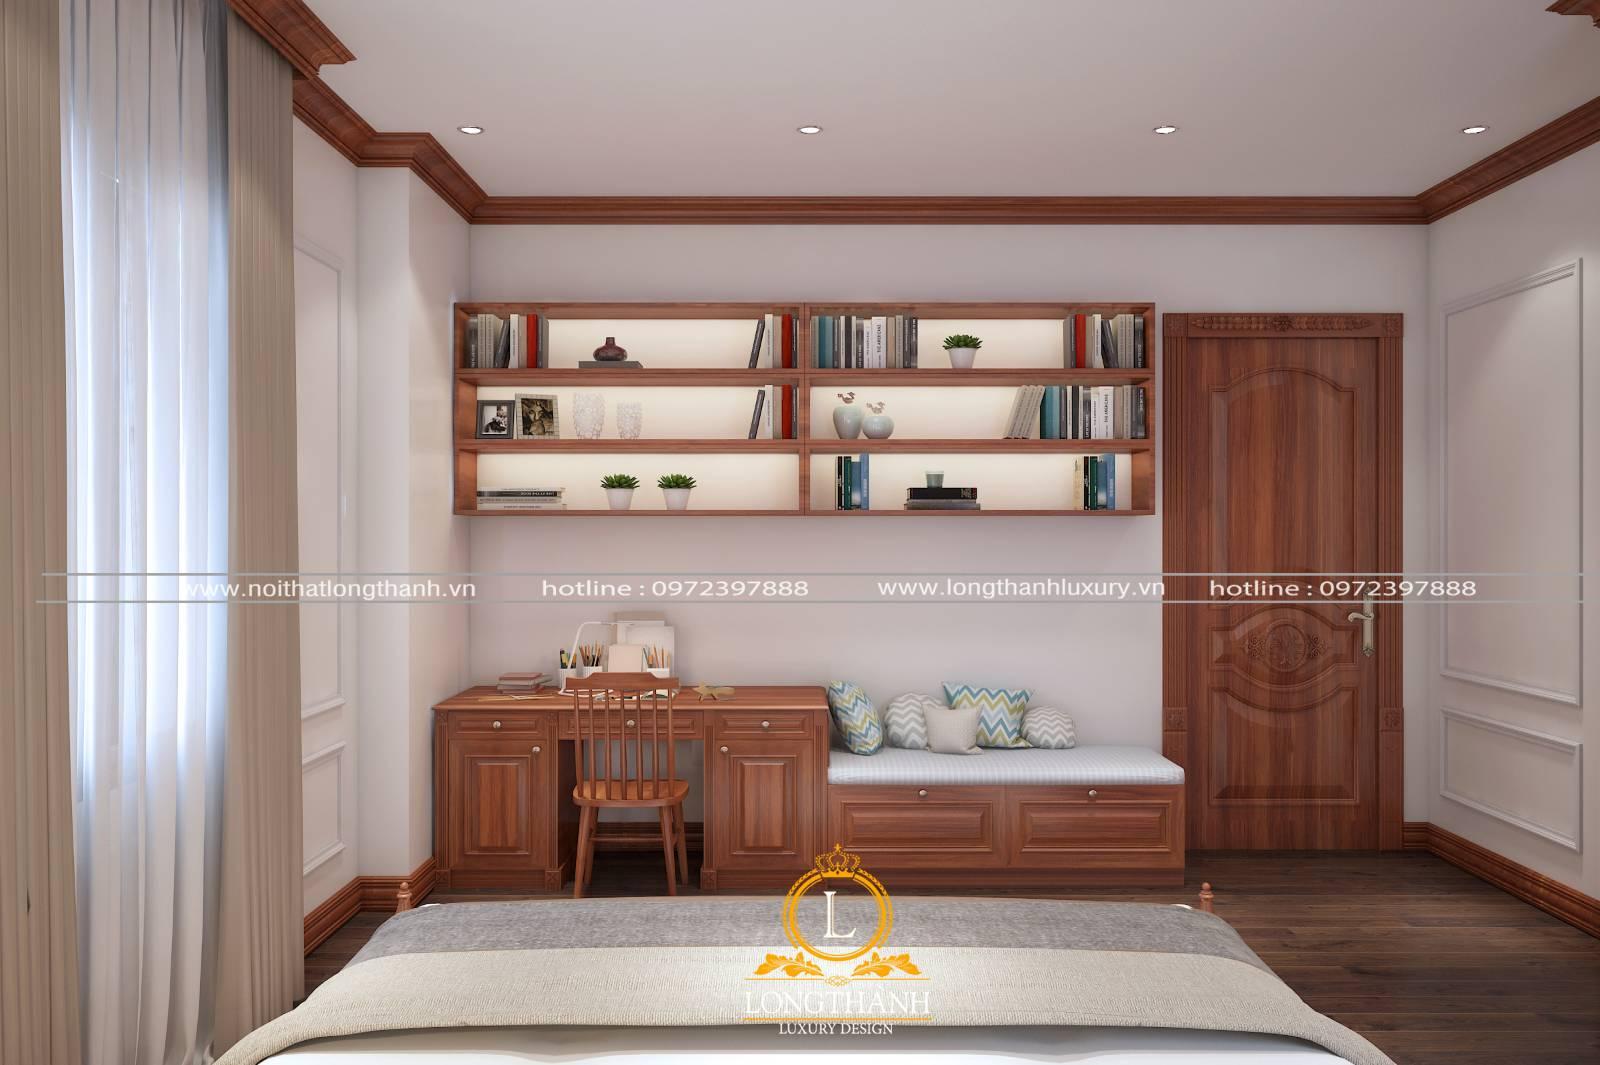 Cửa phòng ngủ gỗ go đõ với màu đỏ sậm trầm ấm sắc nét